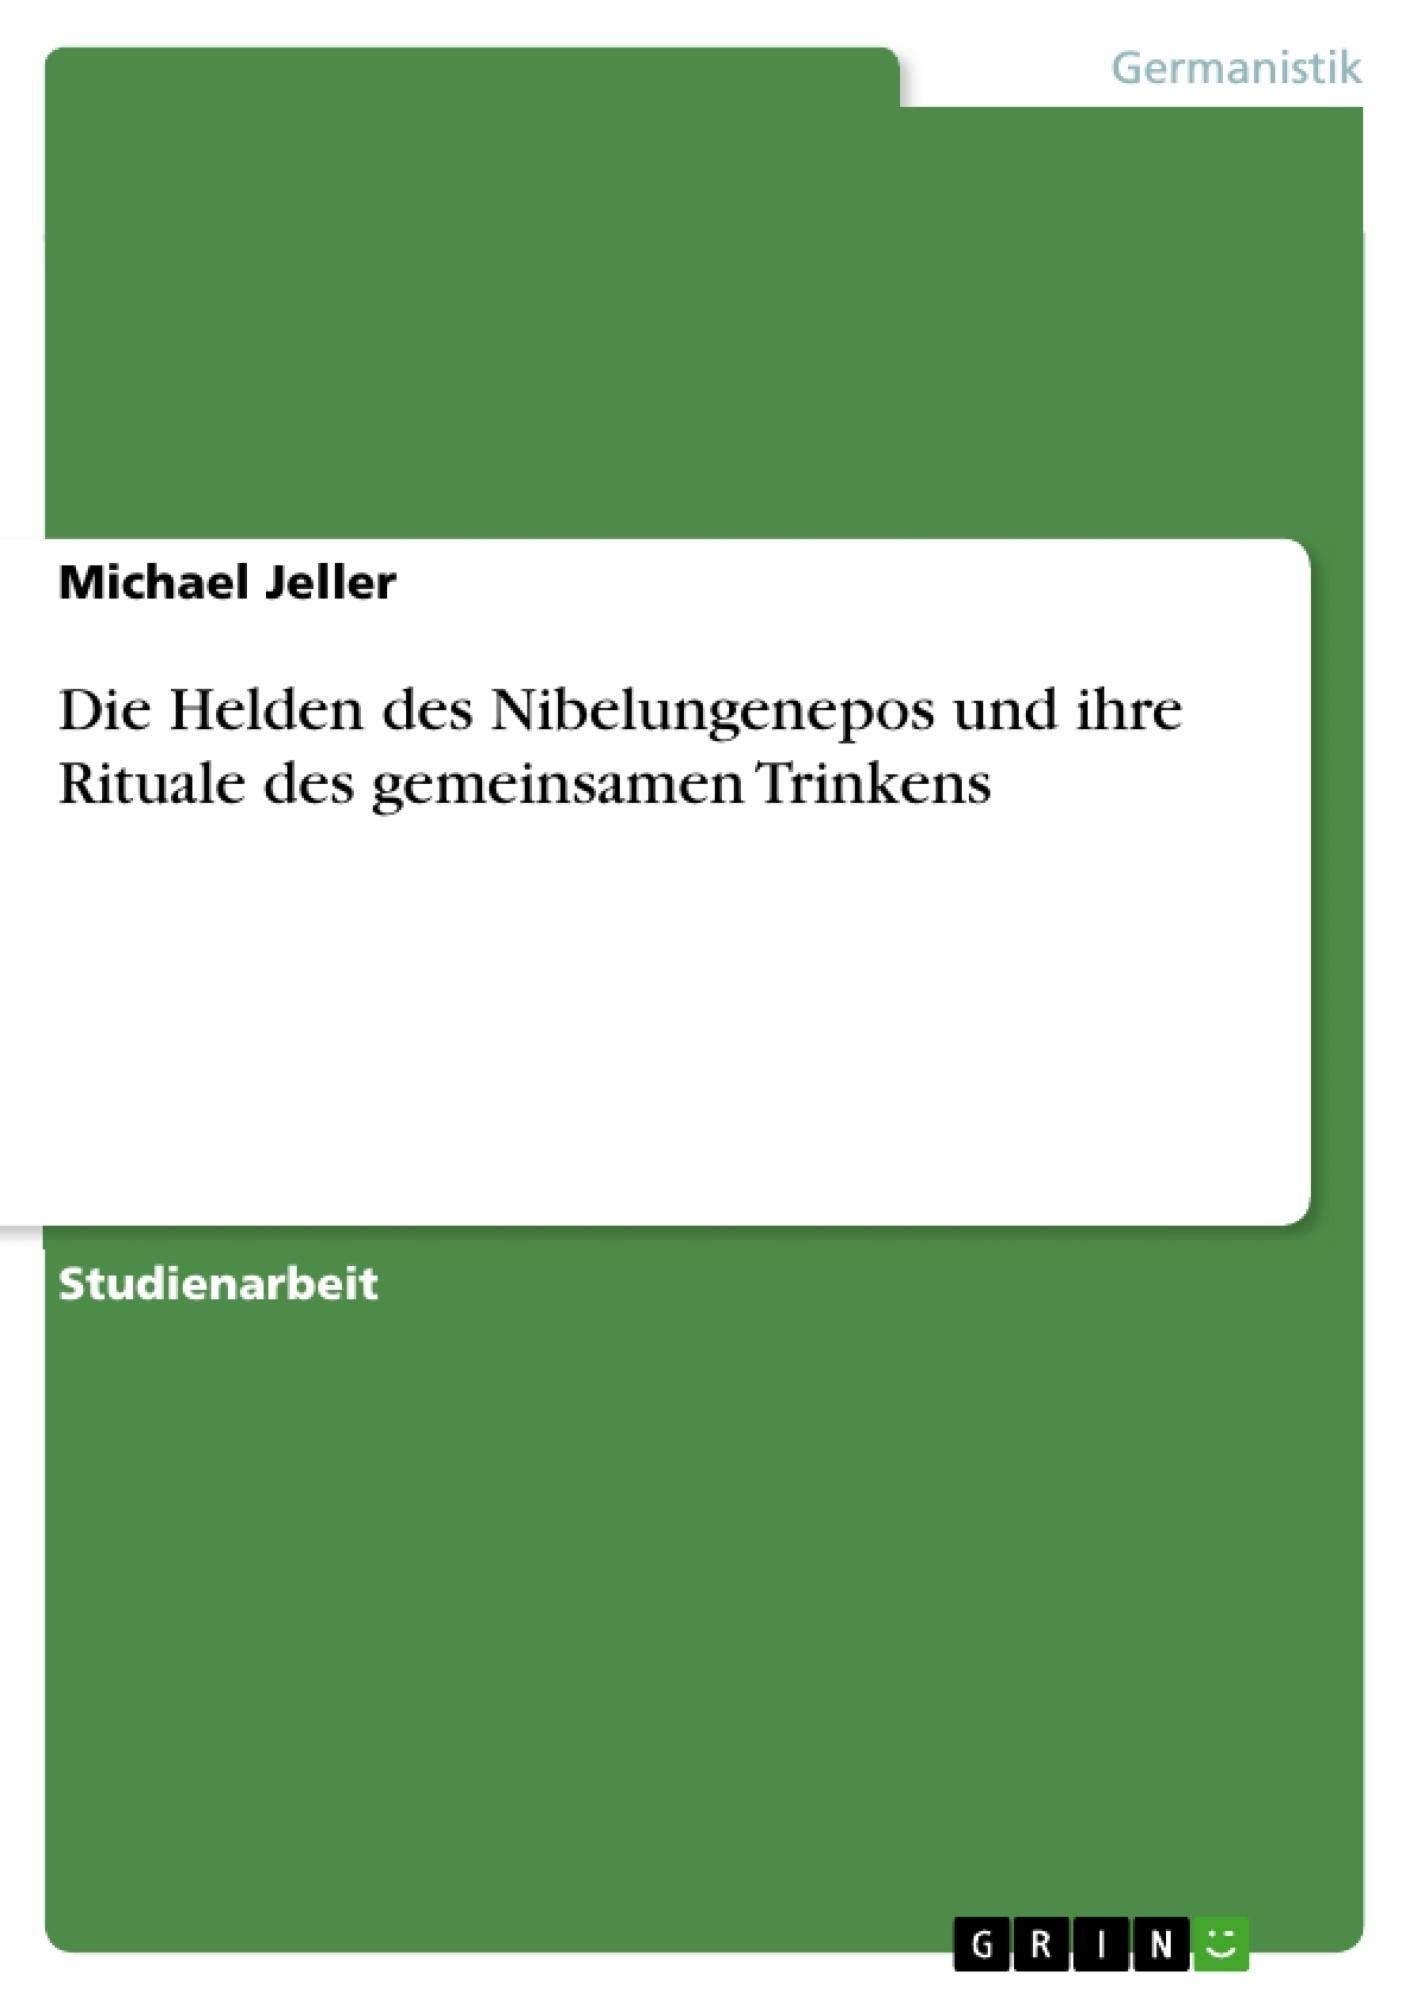 Titel: Die Helden des Nibelungenepos und ihre Rituale des gemeinsamen Trinkens